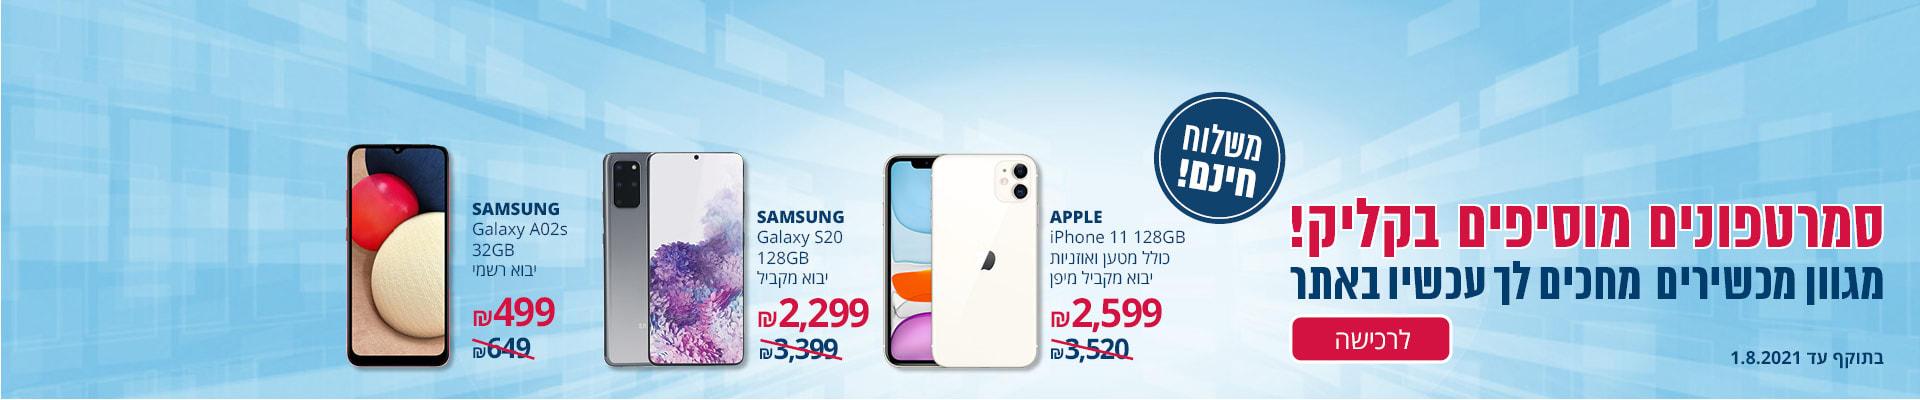 גם סמארטפונים? כן! APPLE IPHONE 11 128G*יבוא רישמי 2599₪ SAMSUNG GALAXY 128G* יבוא מקביל 2299₪ SAMSUNG GALAXY  32G* יבוא רשמי 499₪ משלוח חינם בתוקף עד 1.8.2021